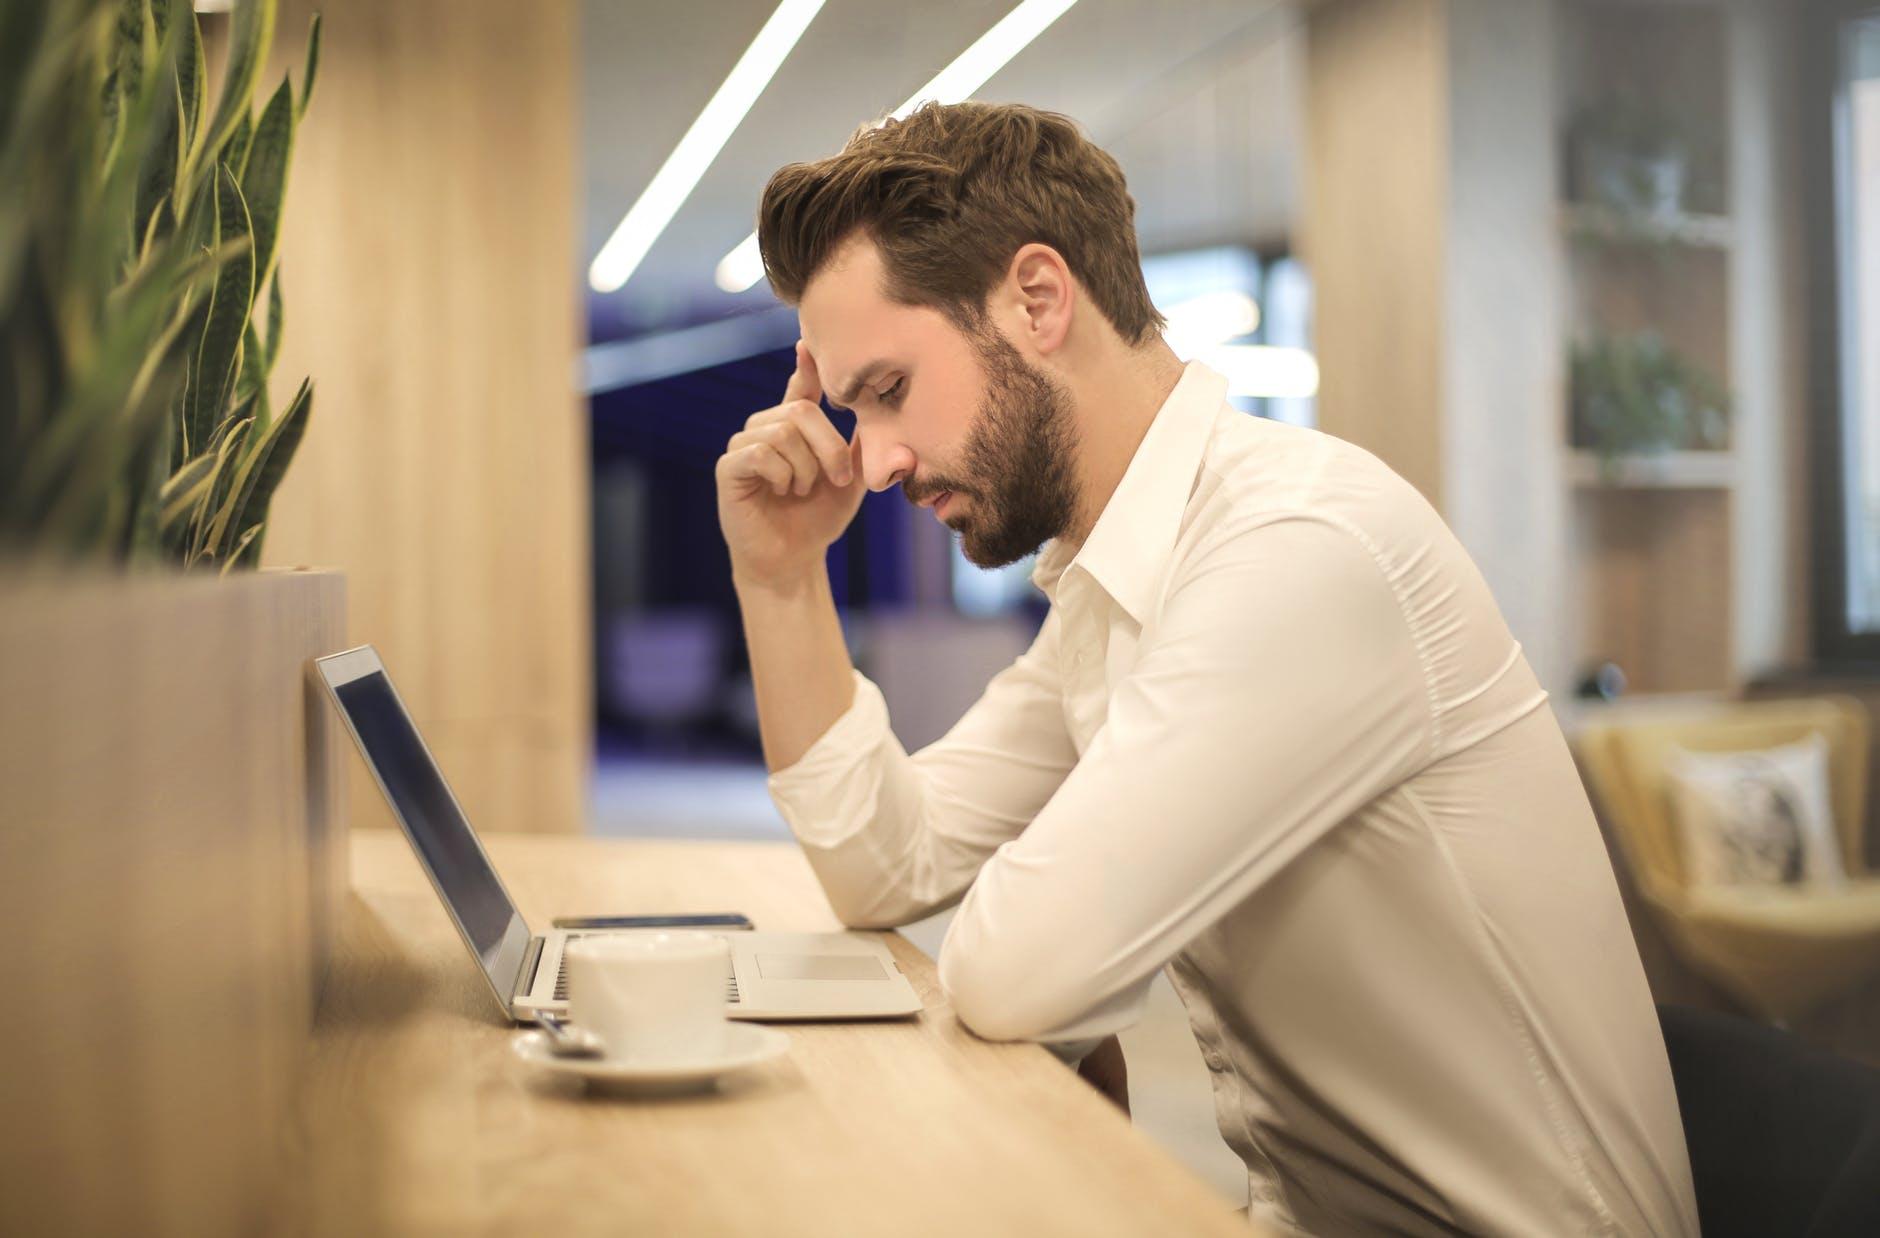 Verminder werkdruk in een aantal stappen